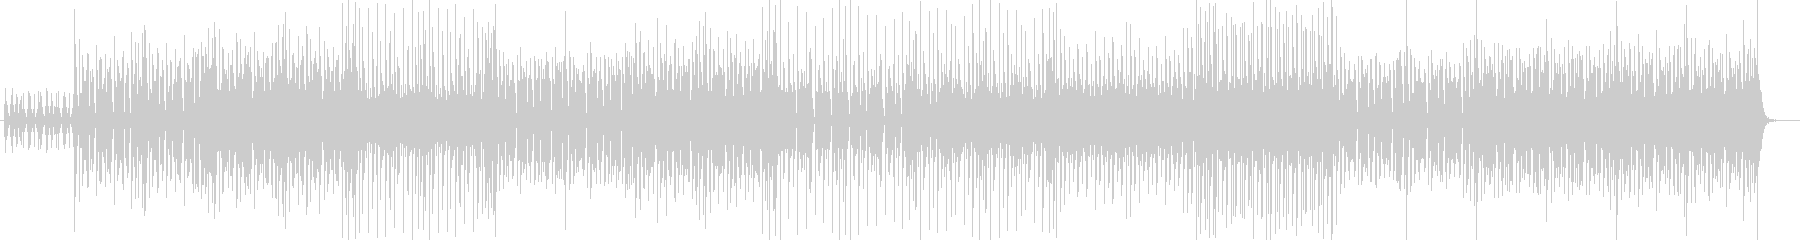 明るいポップ・フュージョン感あるサウンドの未再生の波形